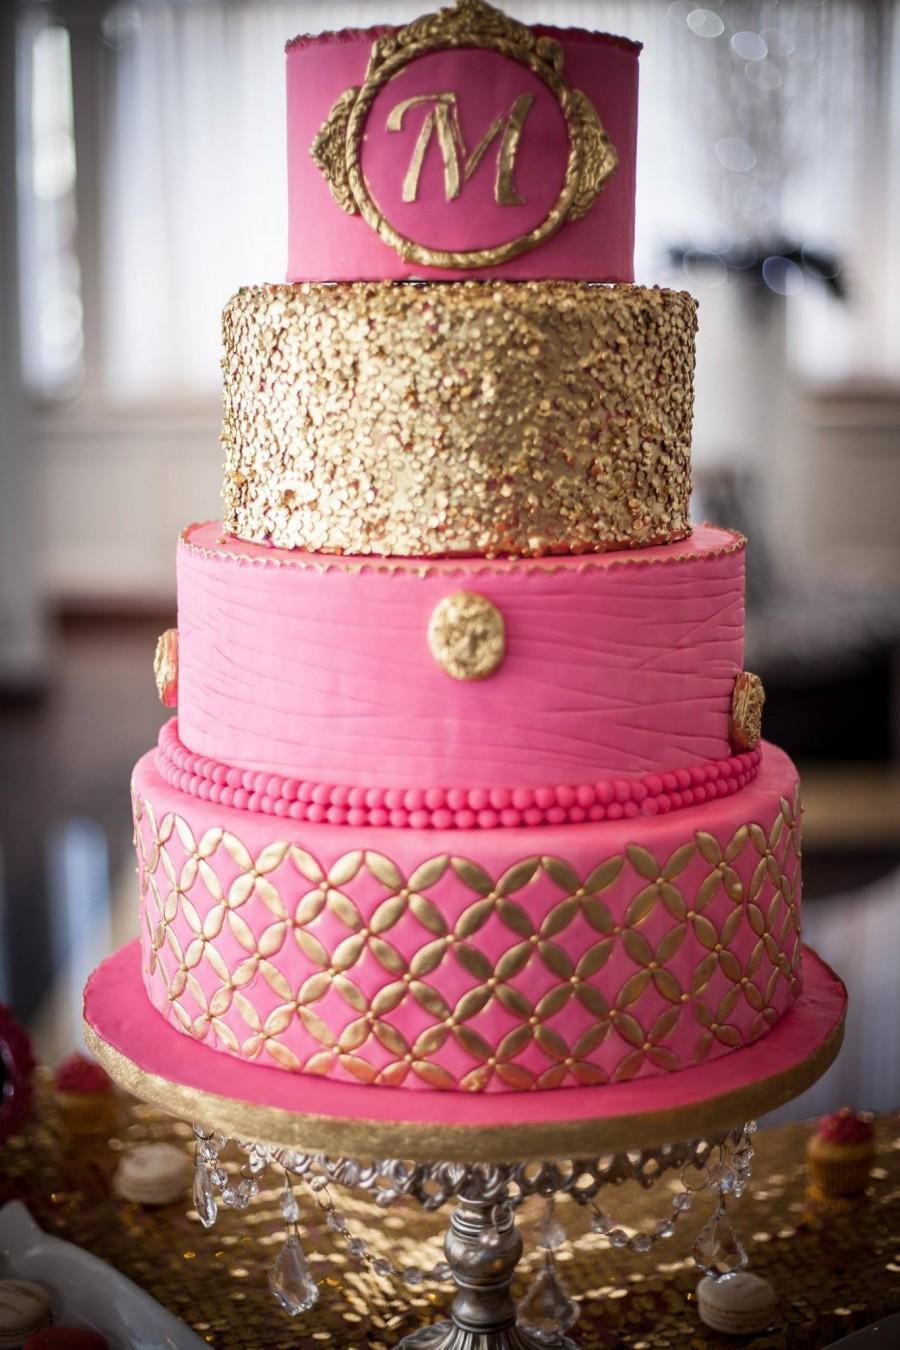 Etobicoke Bakeries Birthday Cakes